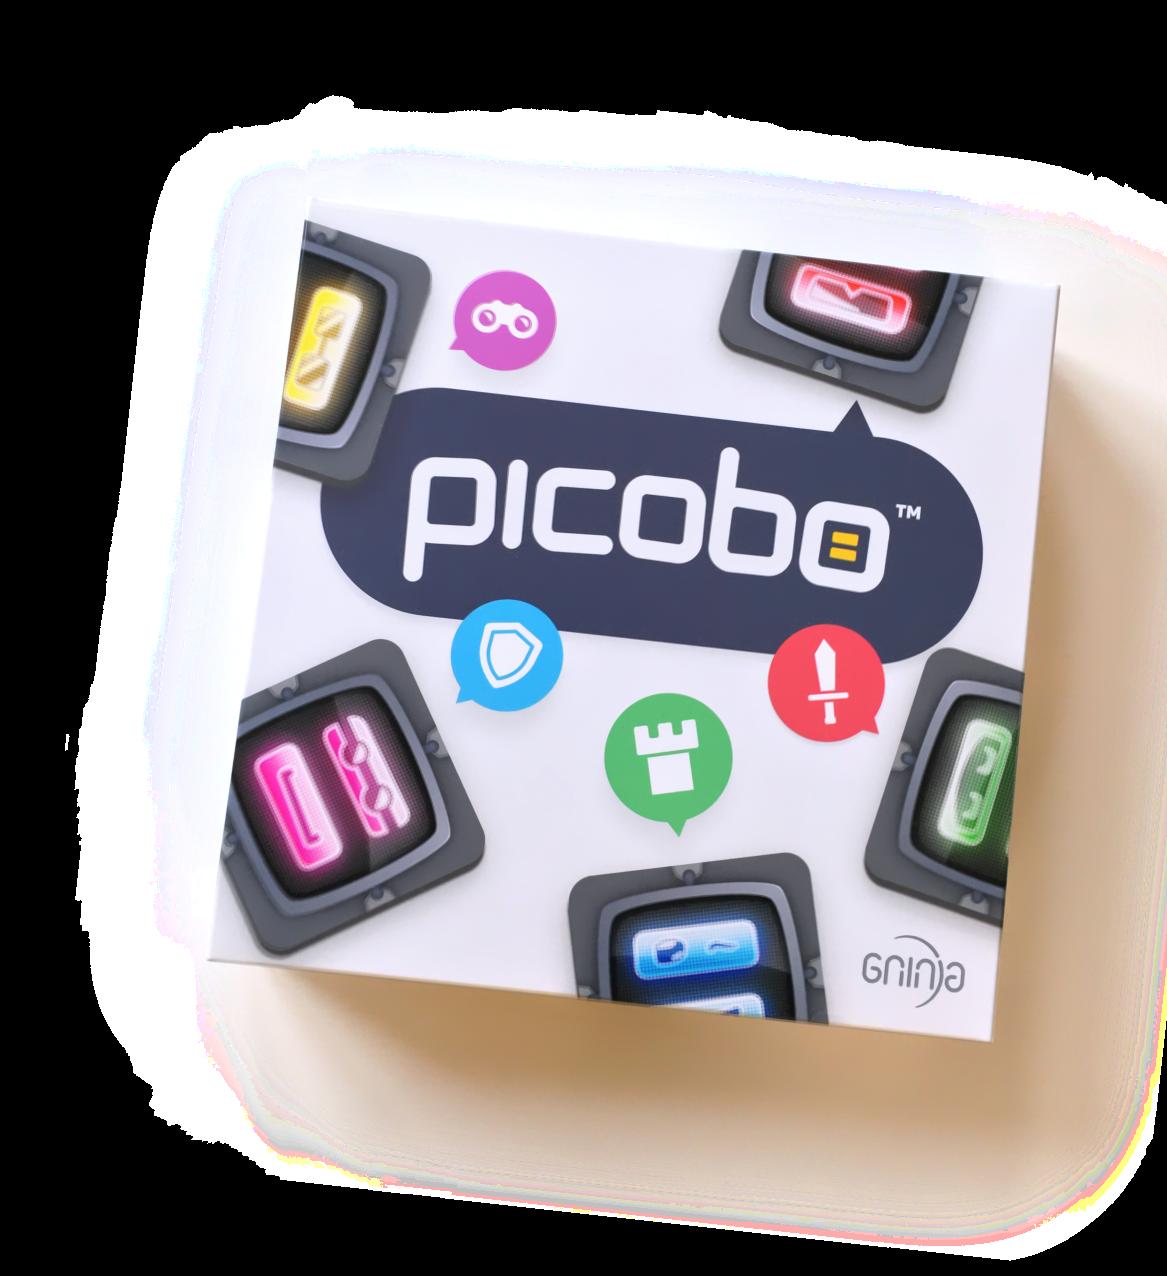 boite Picobo